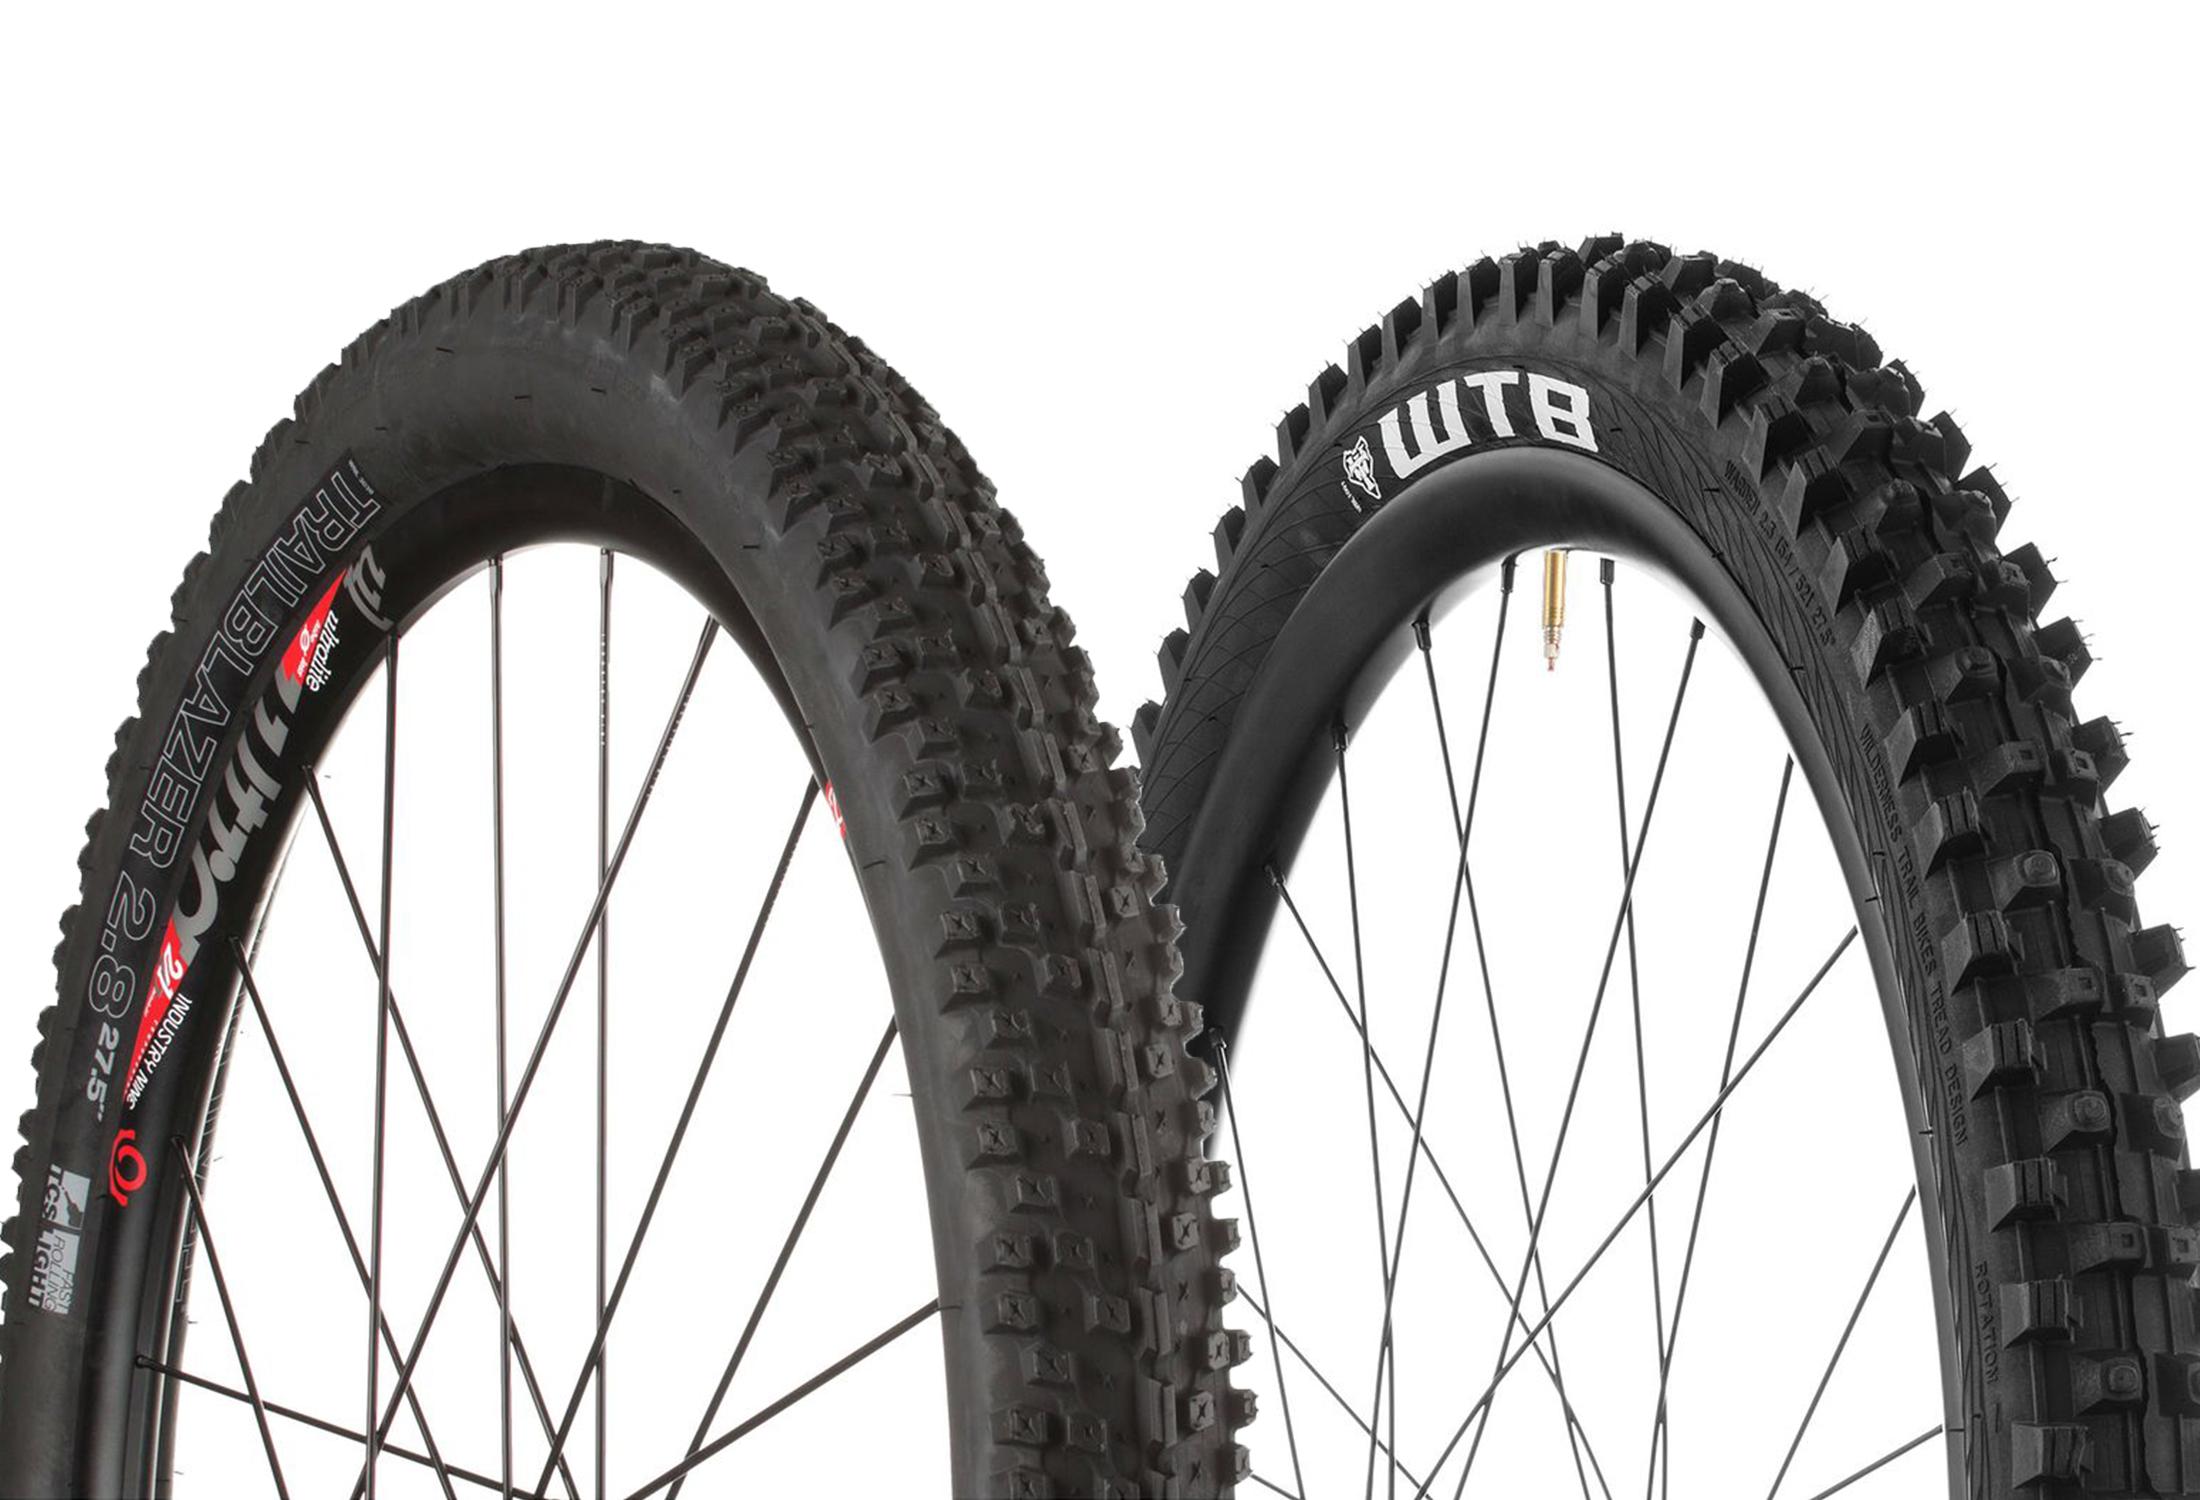 WTB trail enduro tires